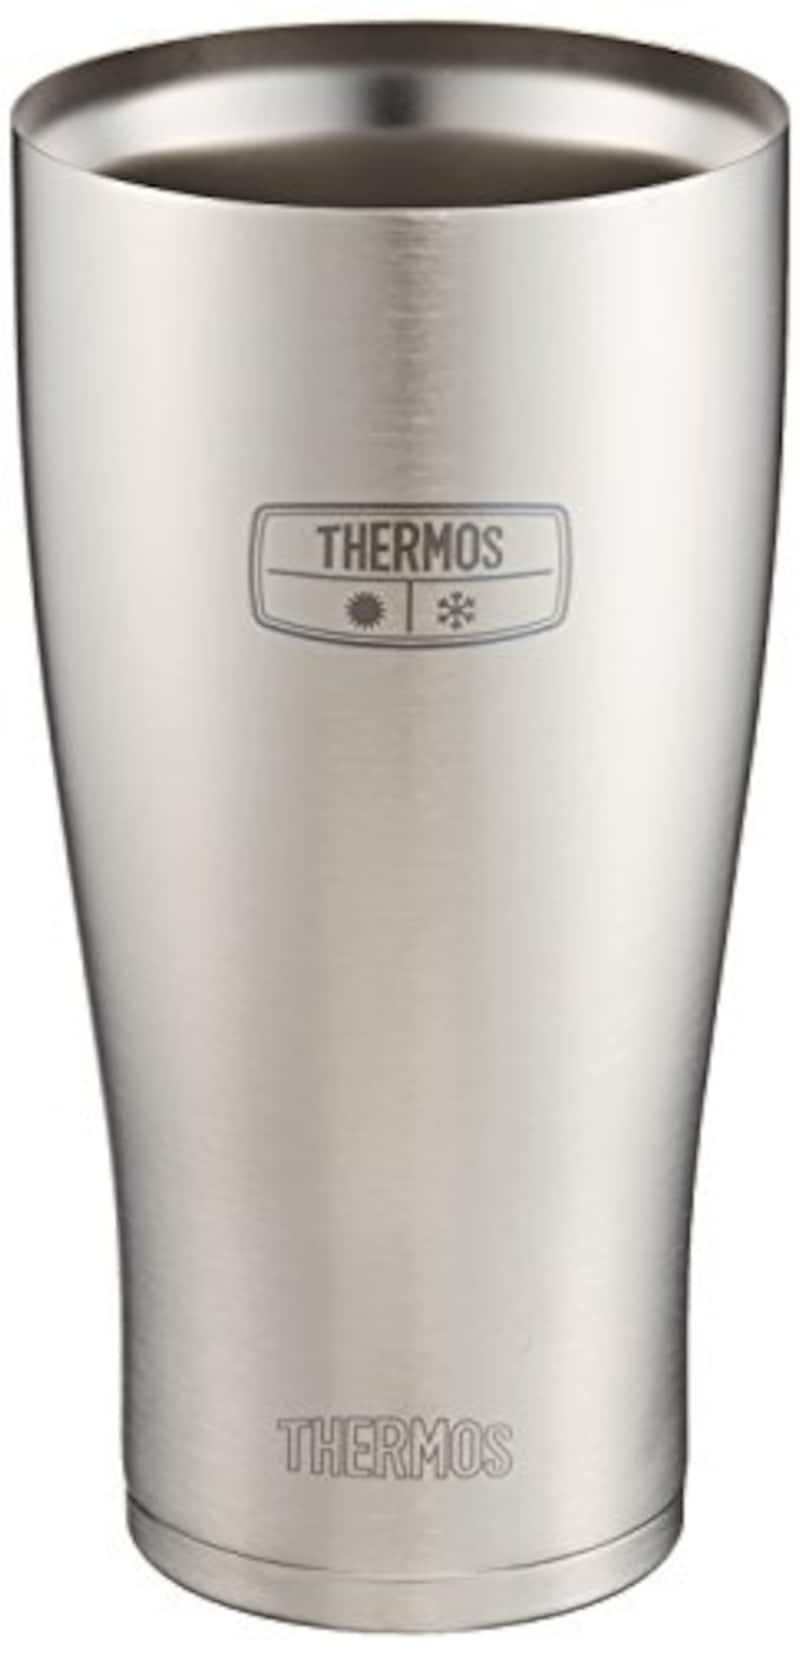 サーモス,真空断熱タンブラー 600ml ステンレス,JDE-600